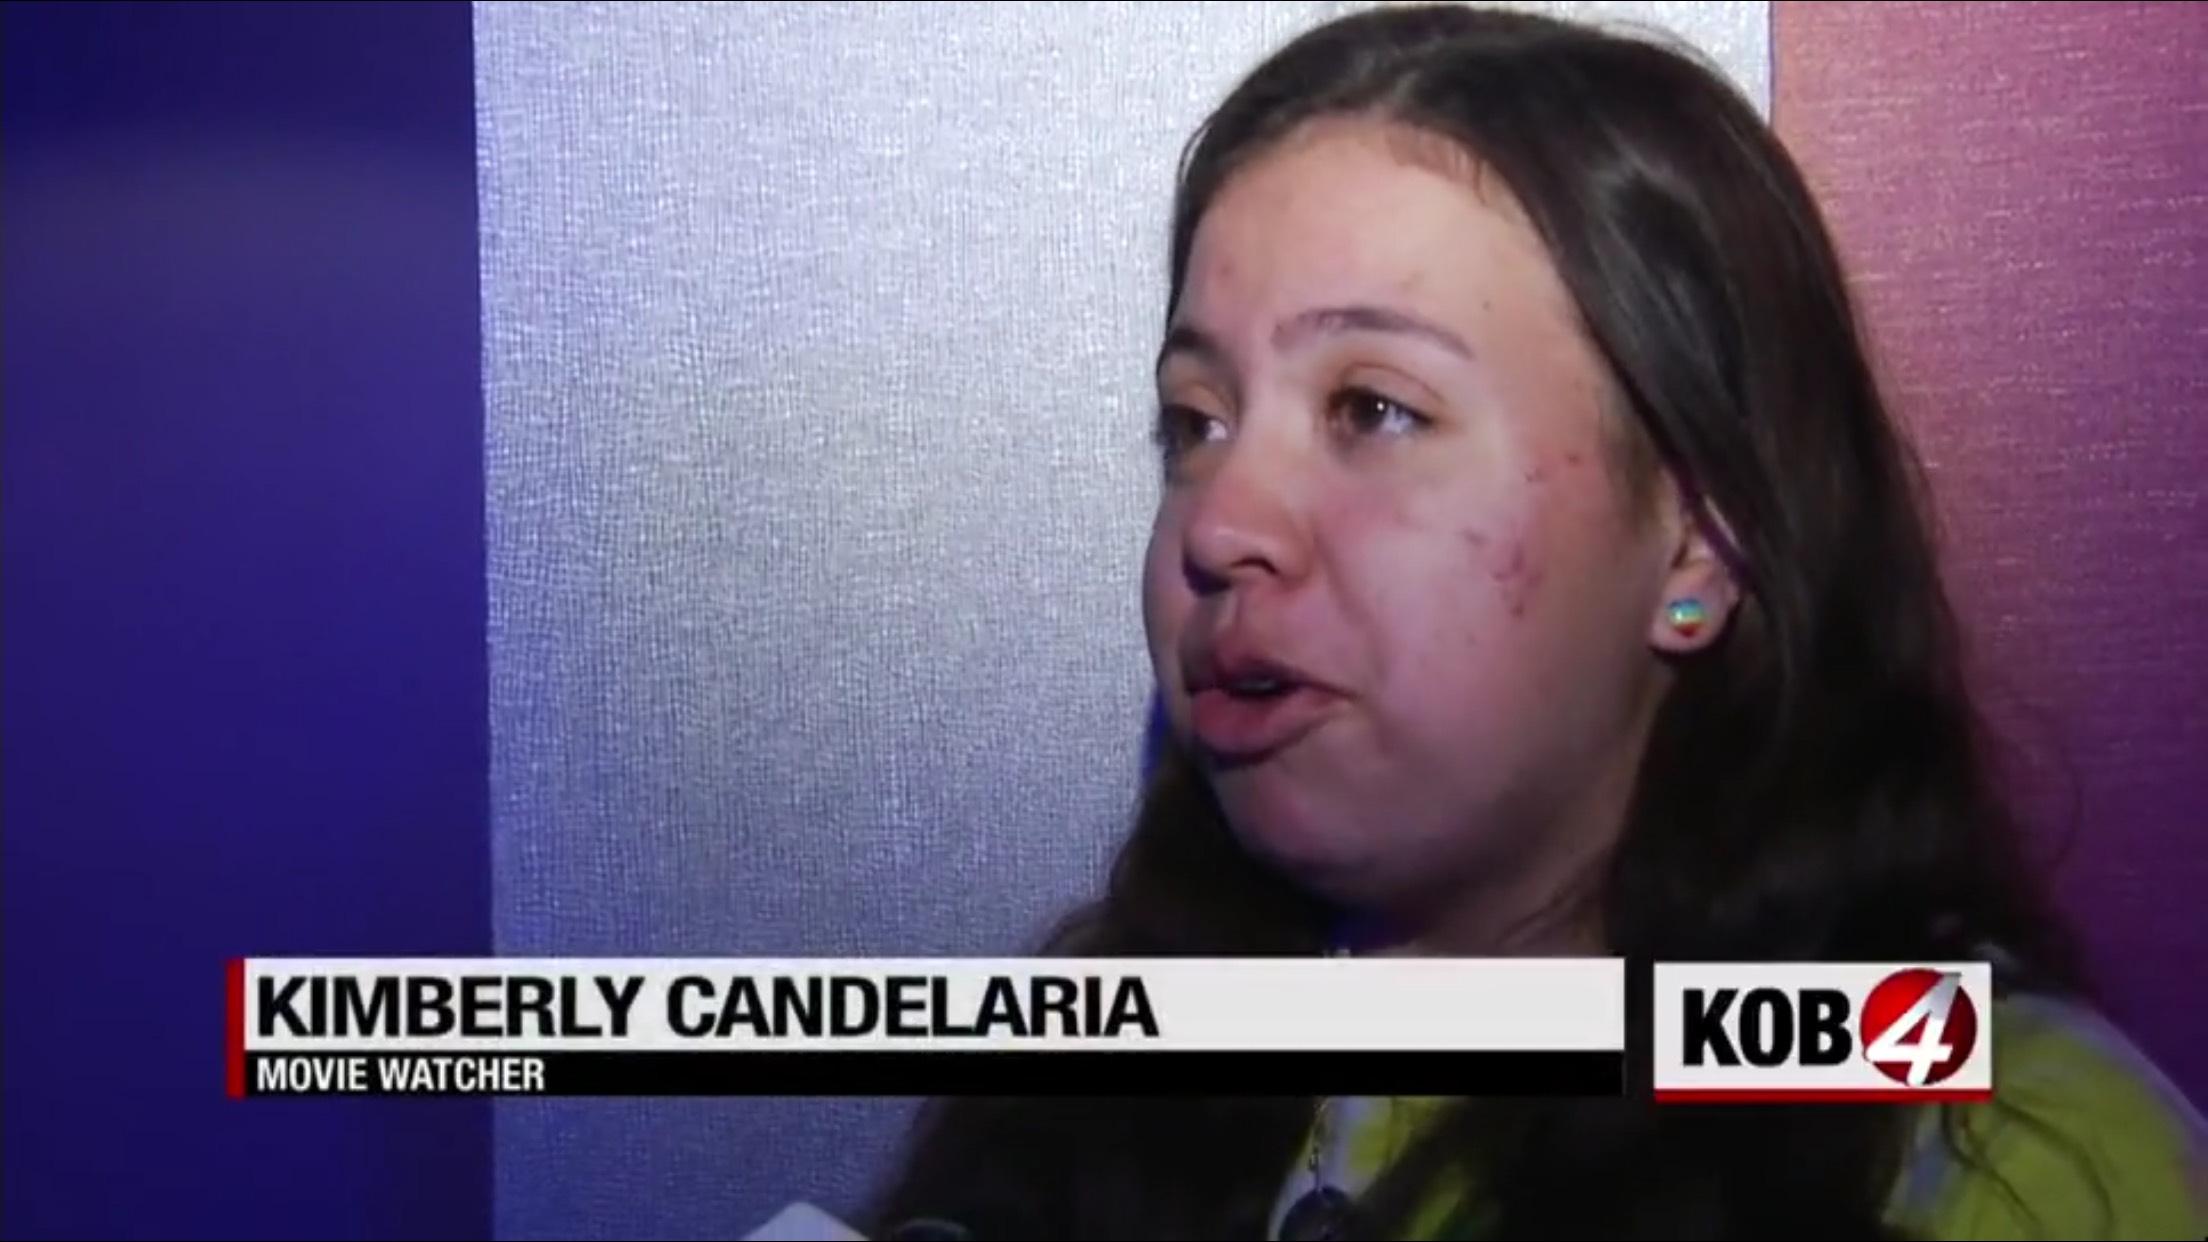 Kimberly Candelaria: Movie Watcher